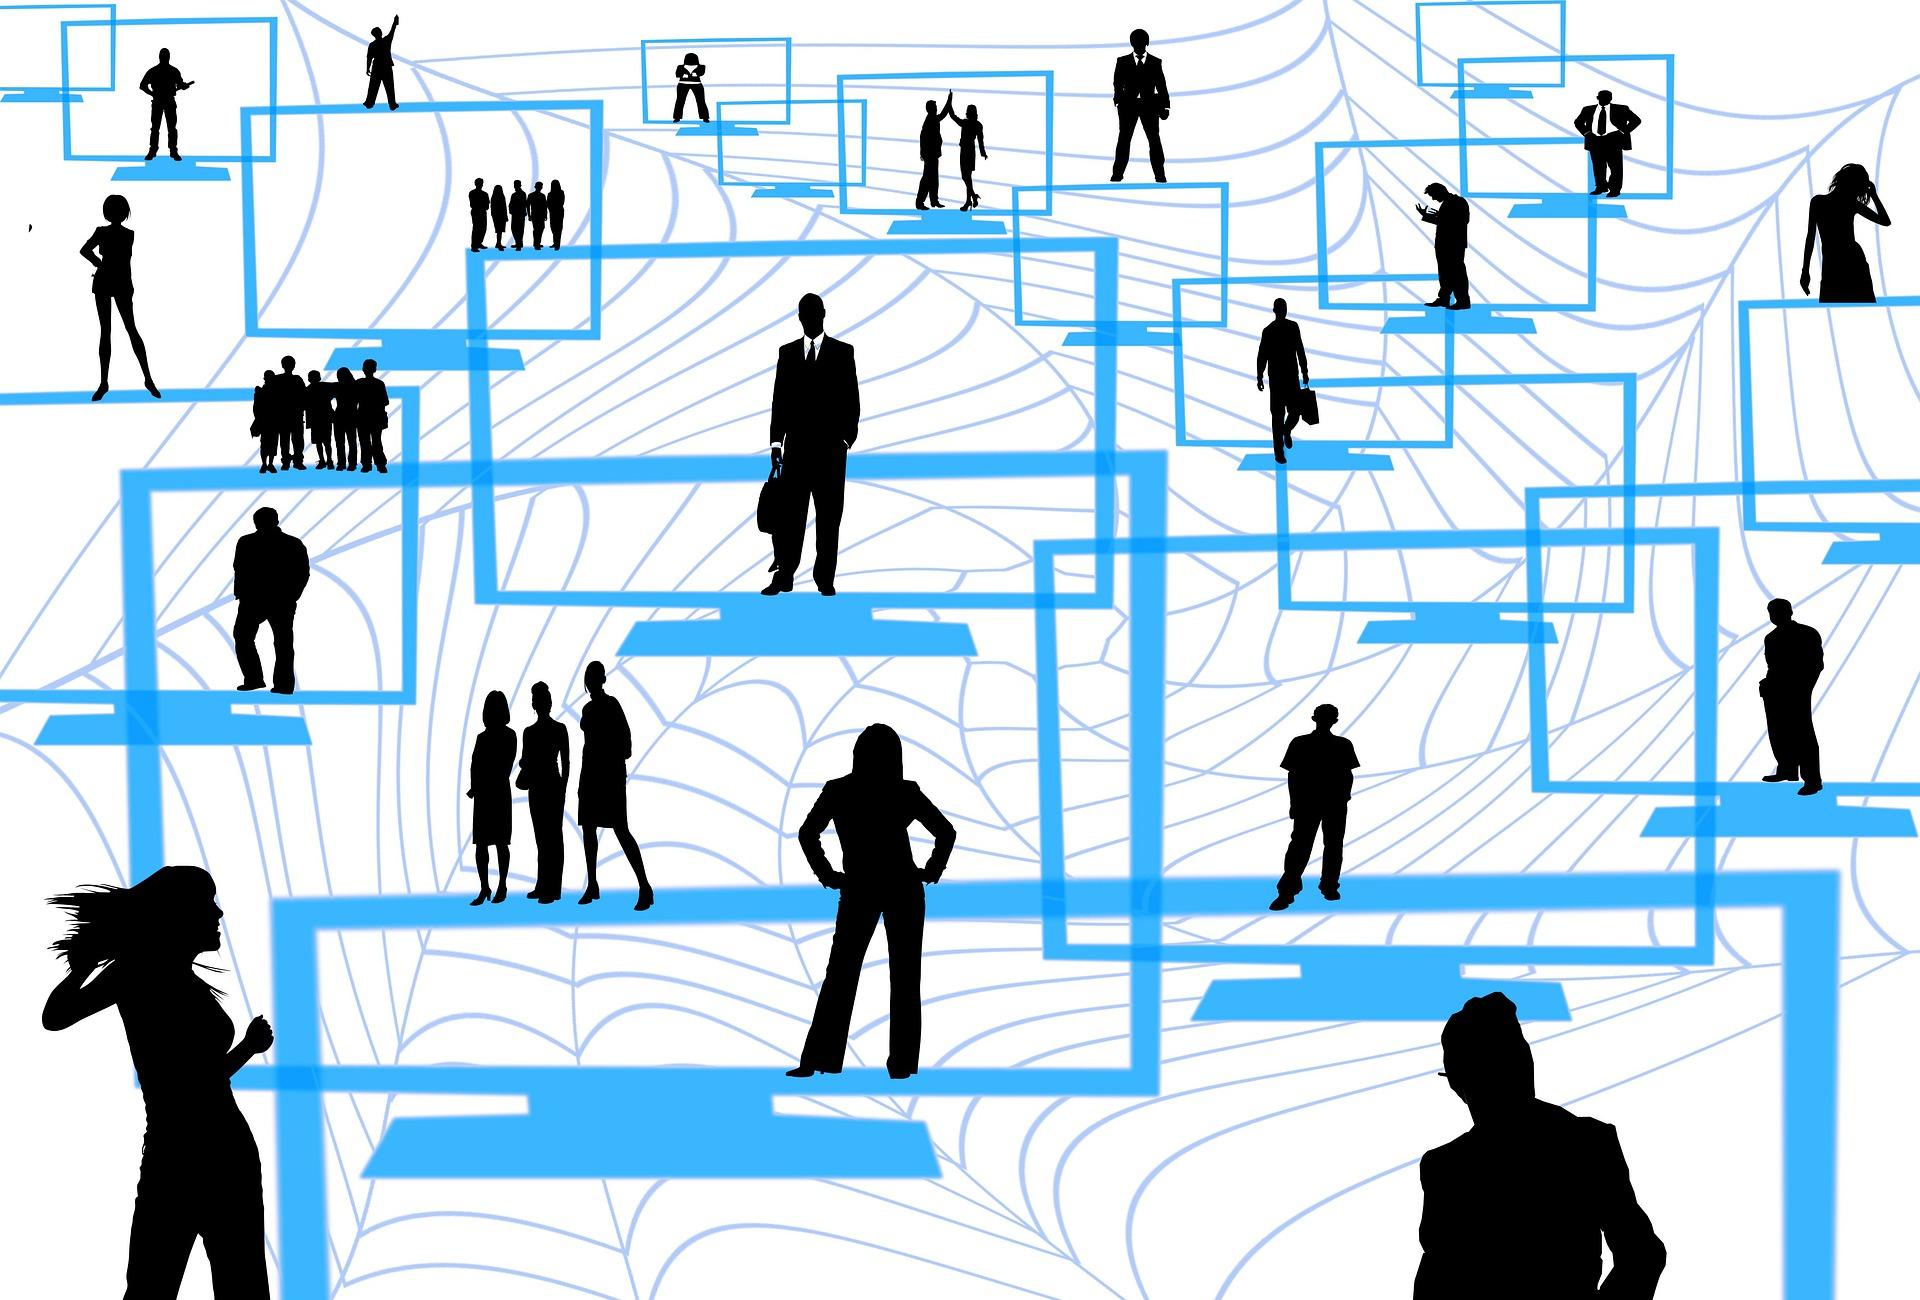 Optimiser l'expérience utilisateur fait partie des piliers du marketing